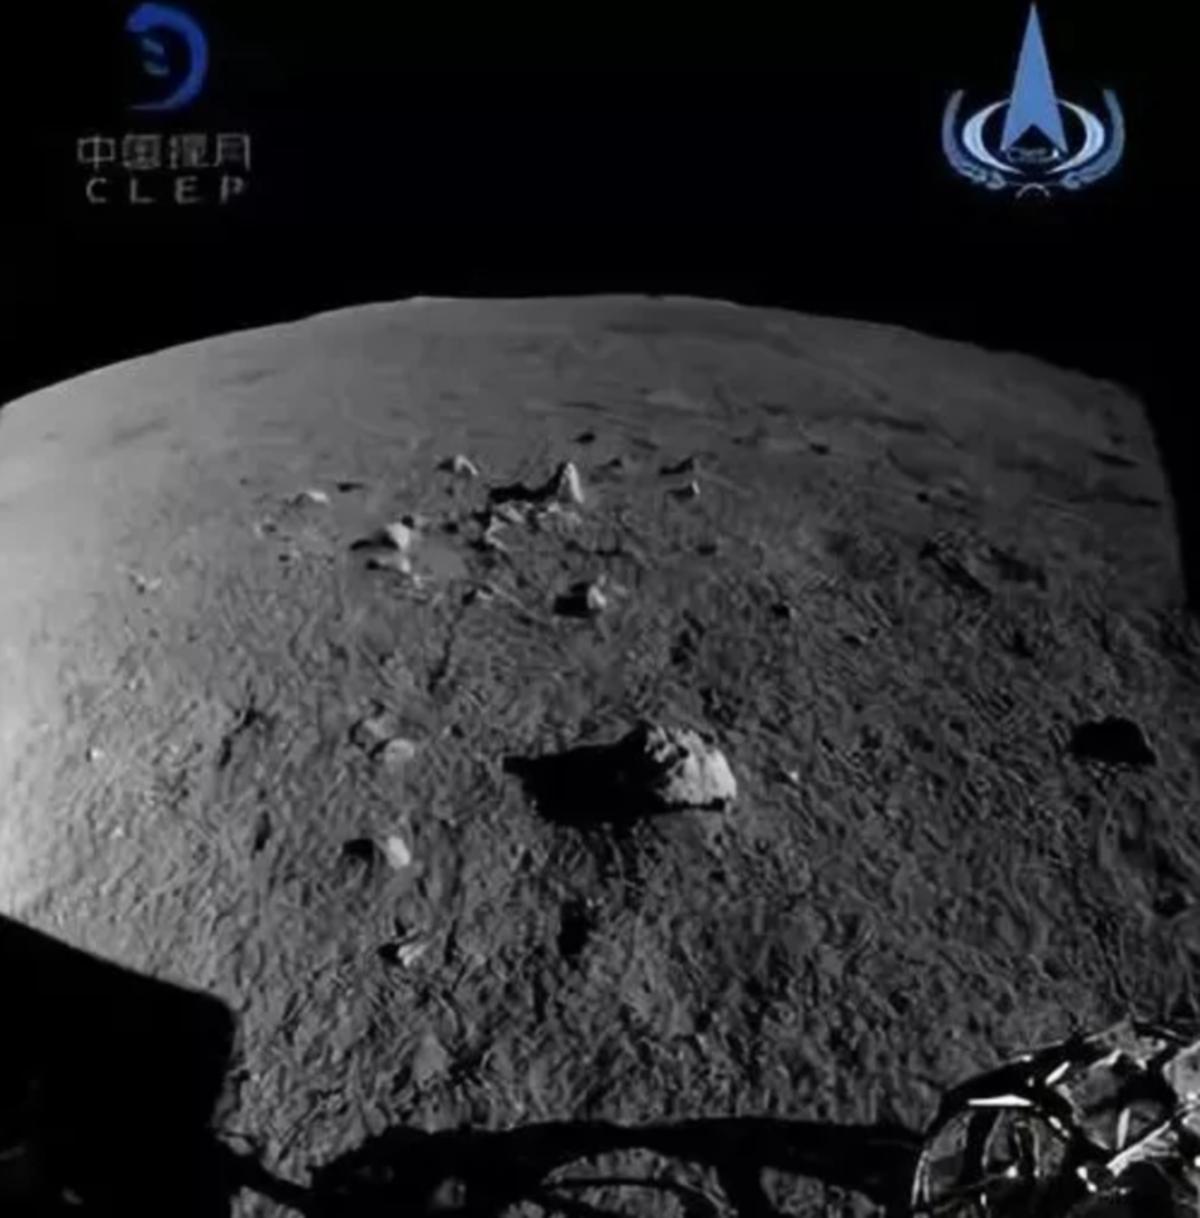 Китайский луноход «Юйту-2» впервые проехался по Луне